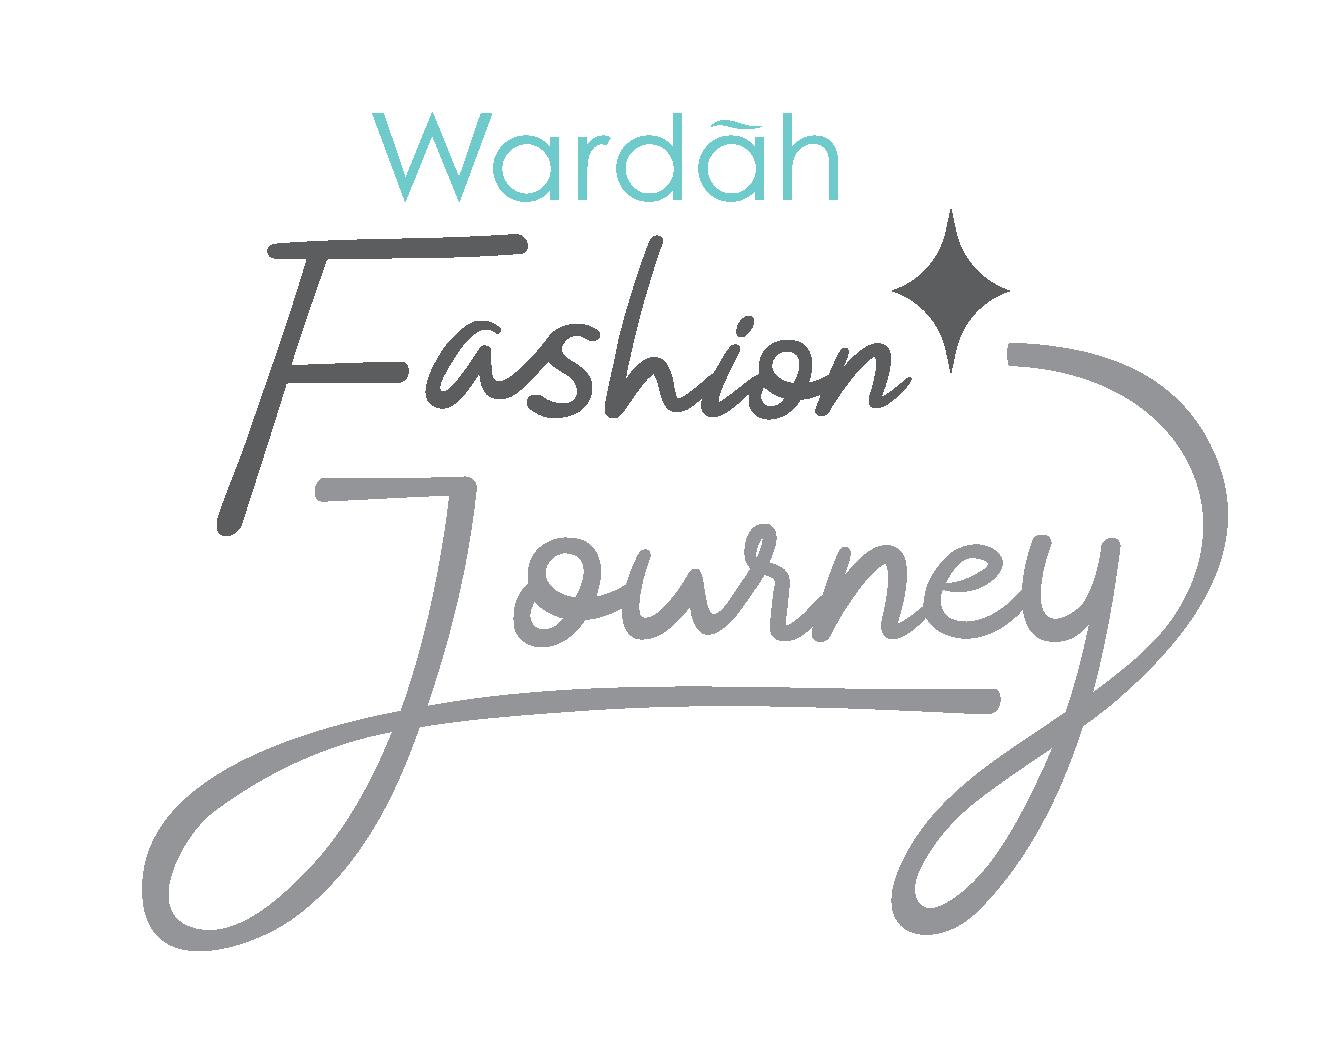 Wardah Fashion Journey